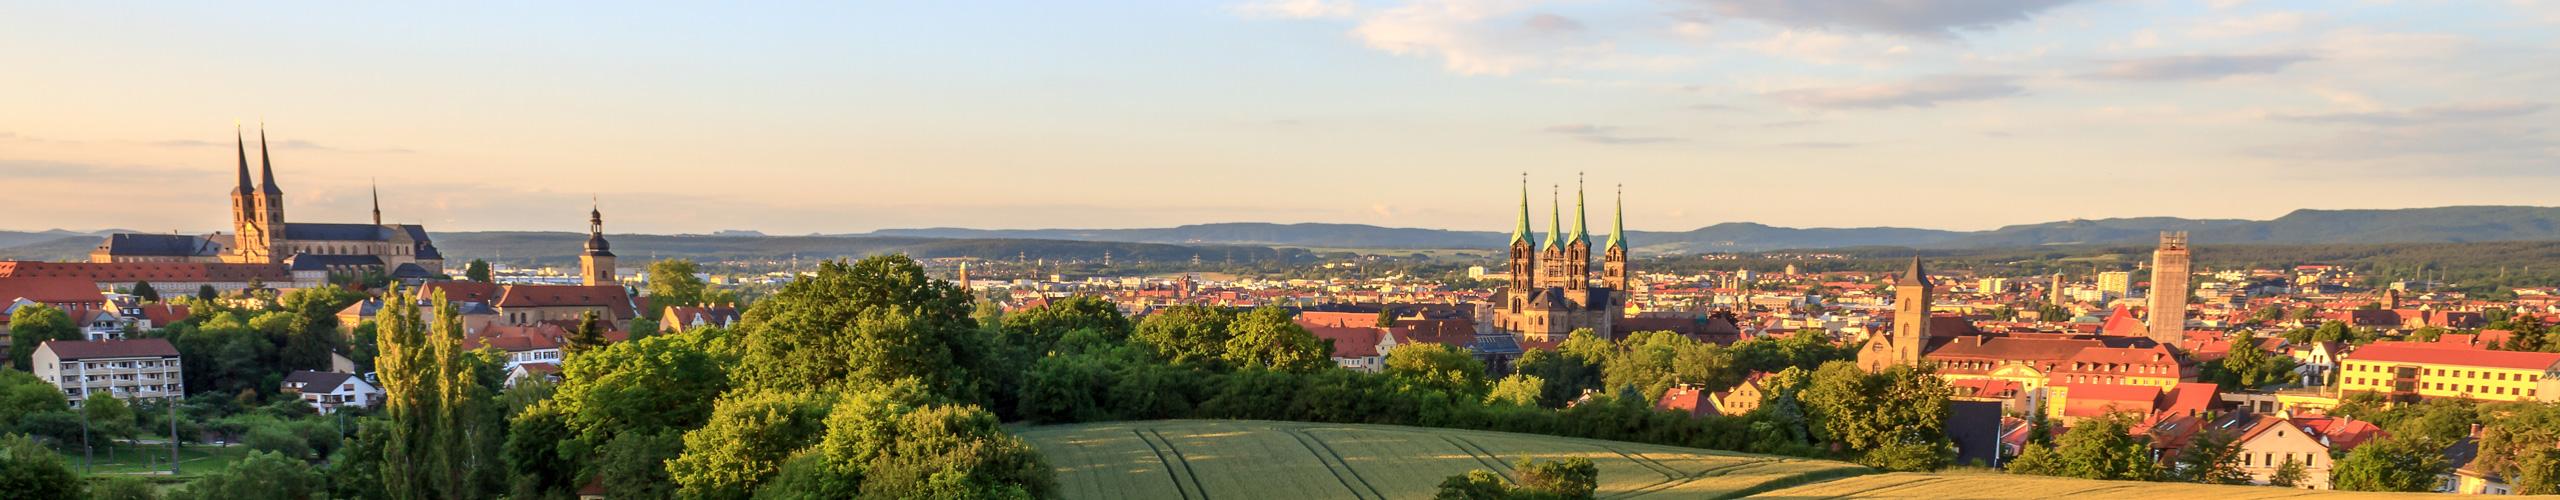 Aussichtspunkt Altenburger Strasse